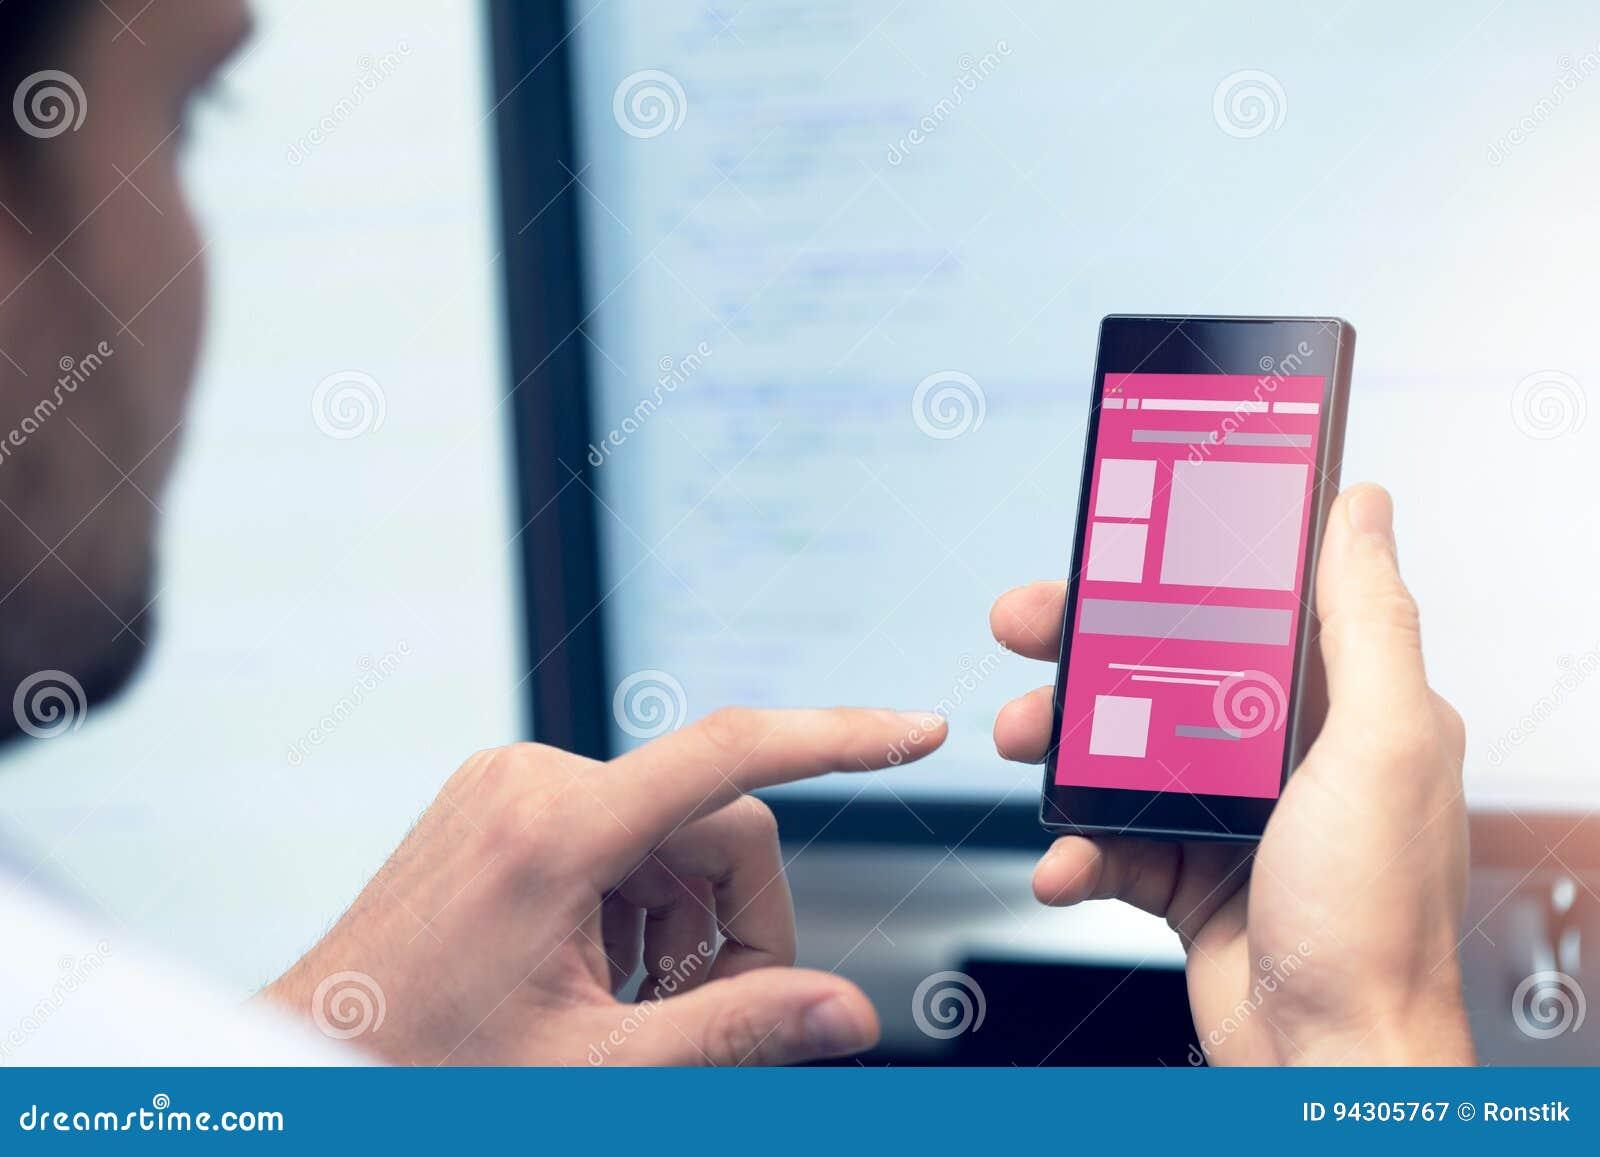 Mobil applikationutveckling - programmerare med smartphonen